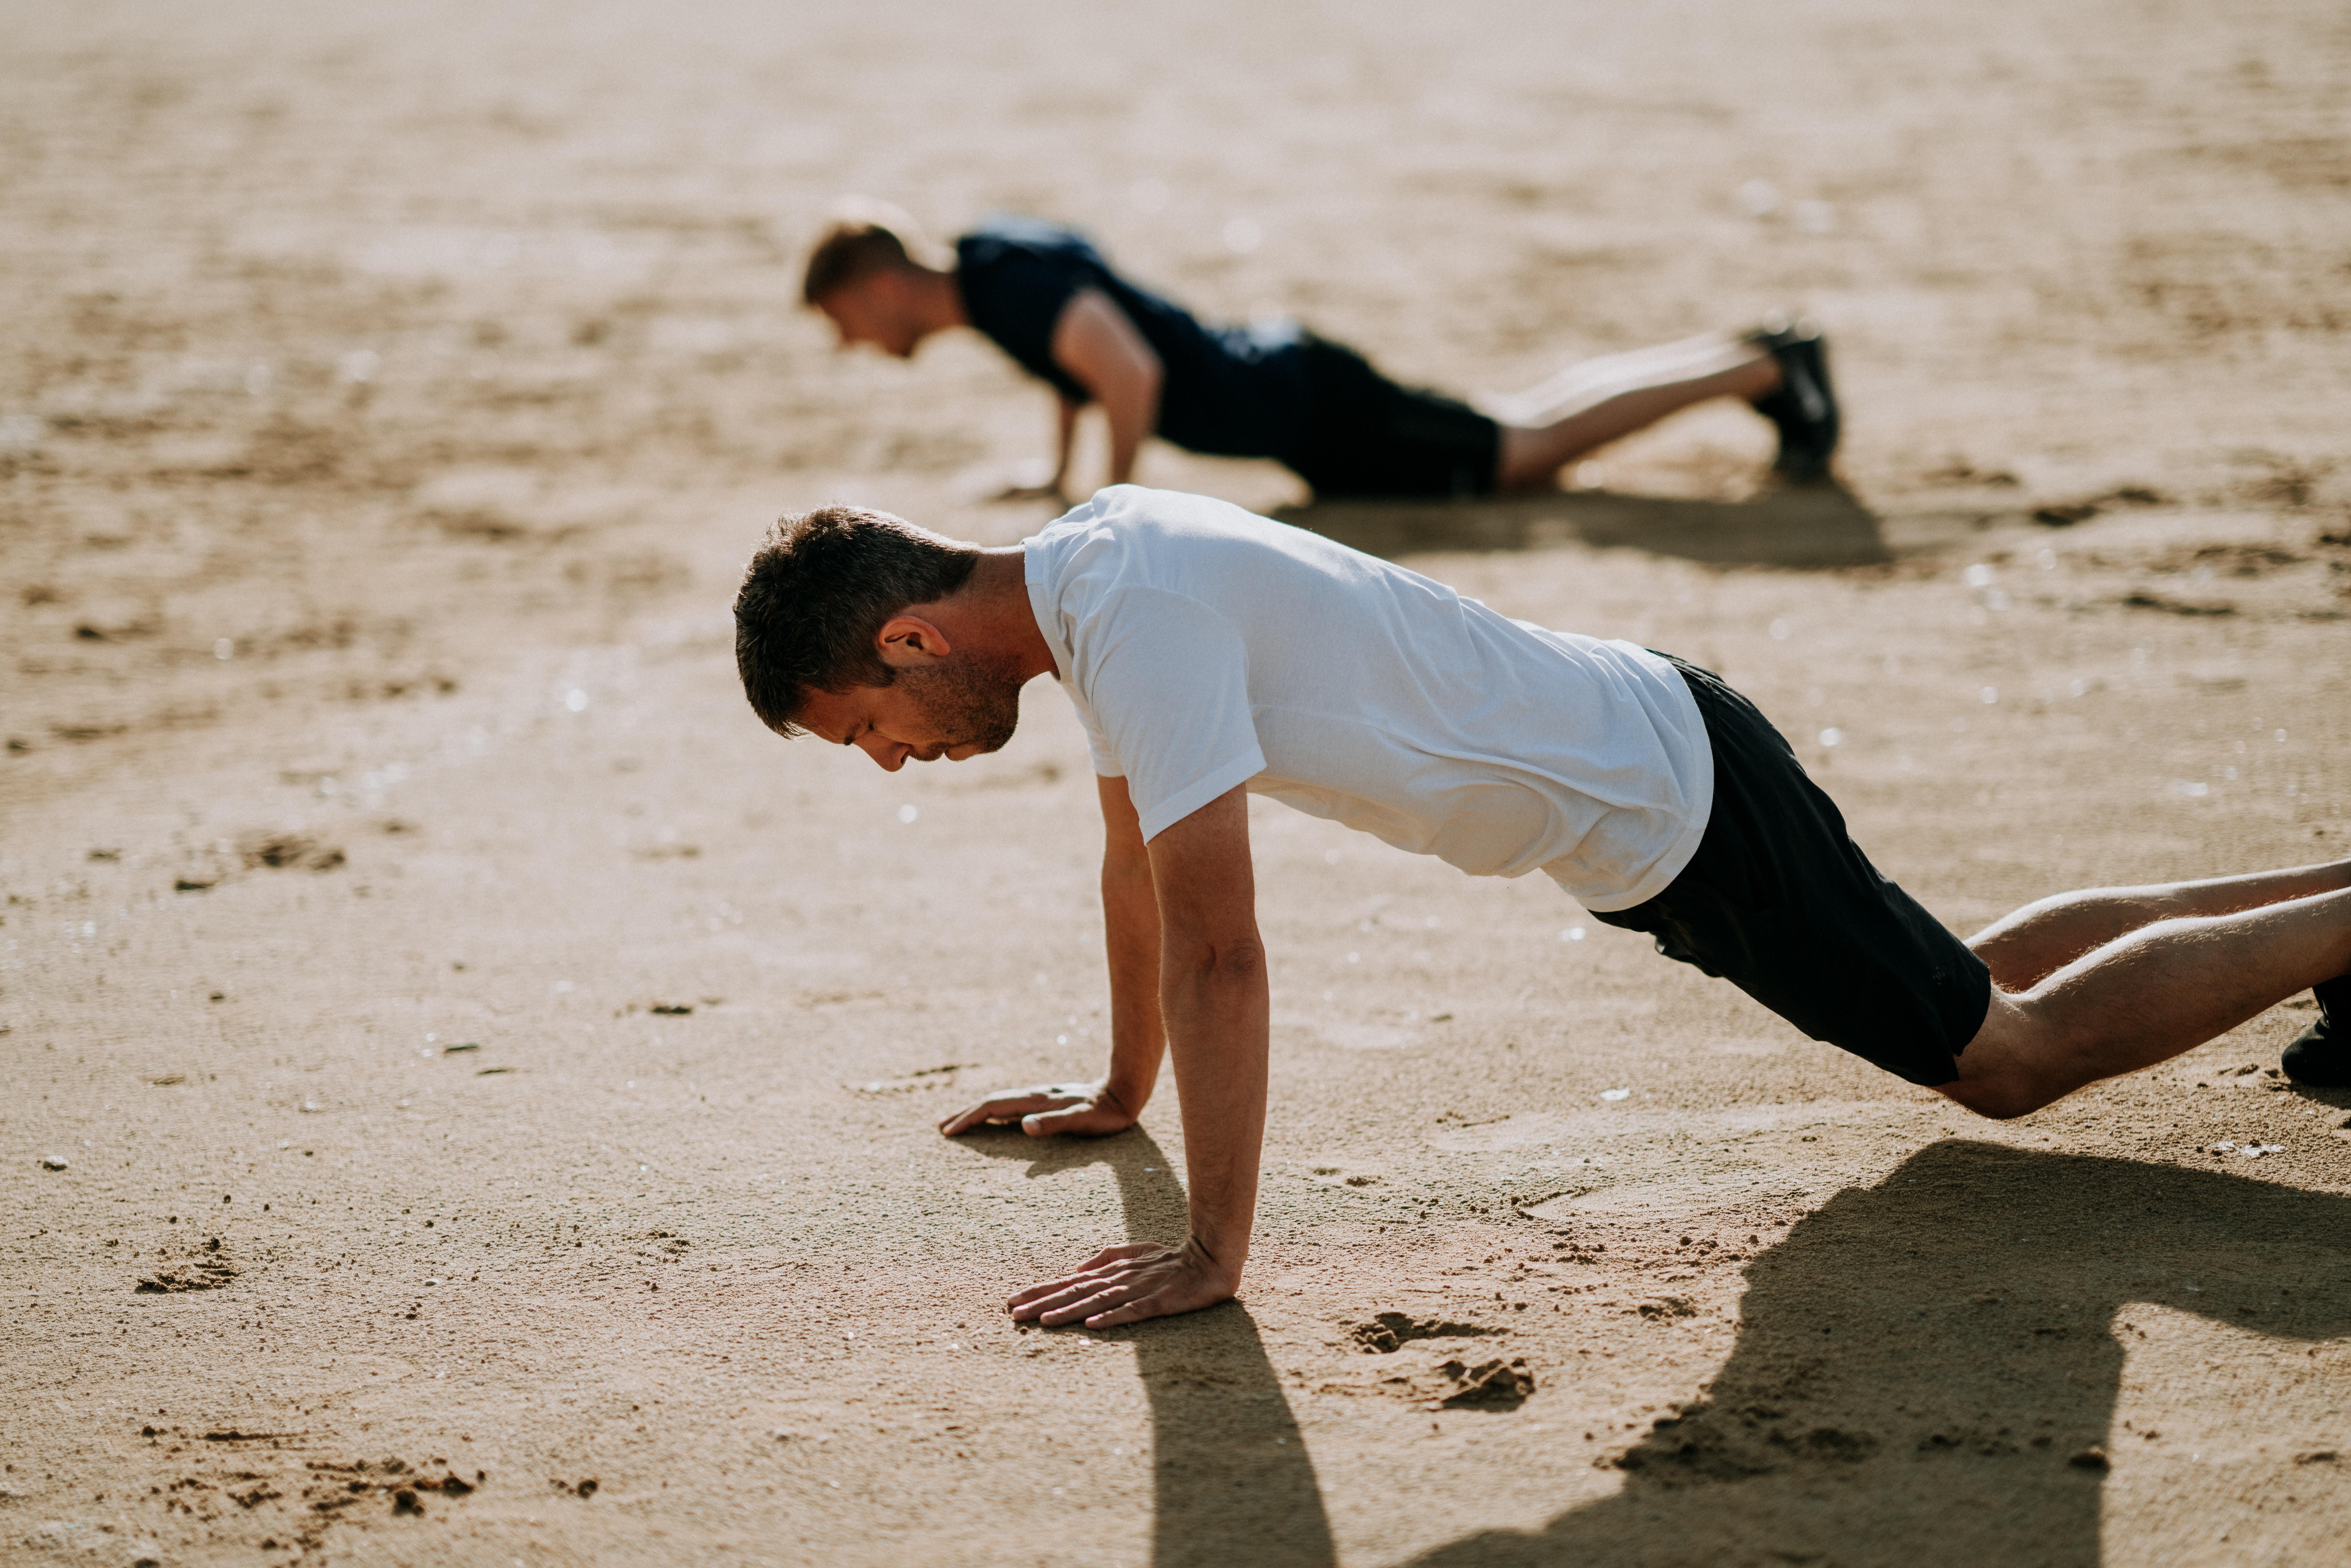 ejercicio en pareja Acrecienta la admiración mutua